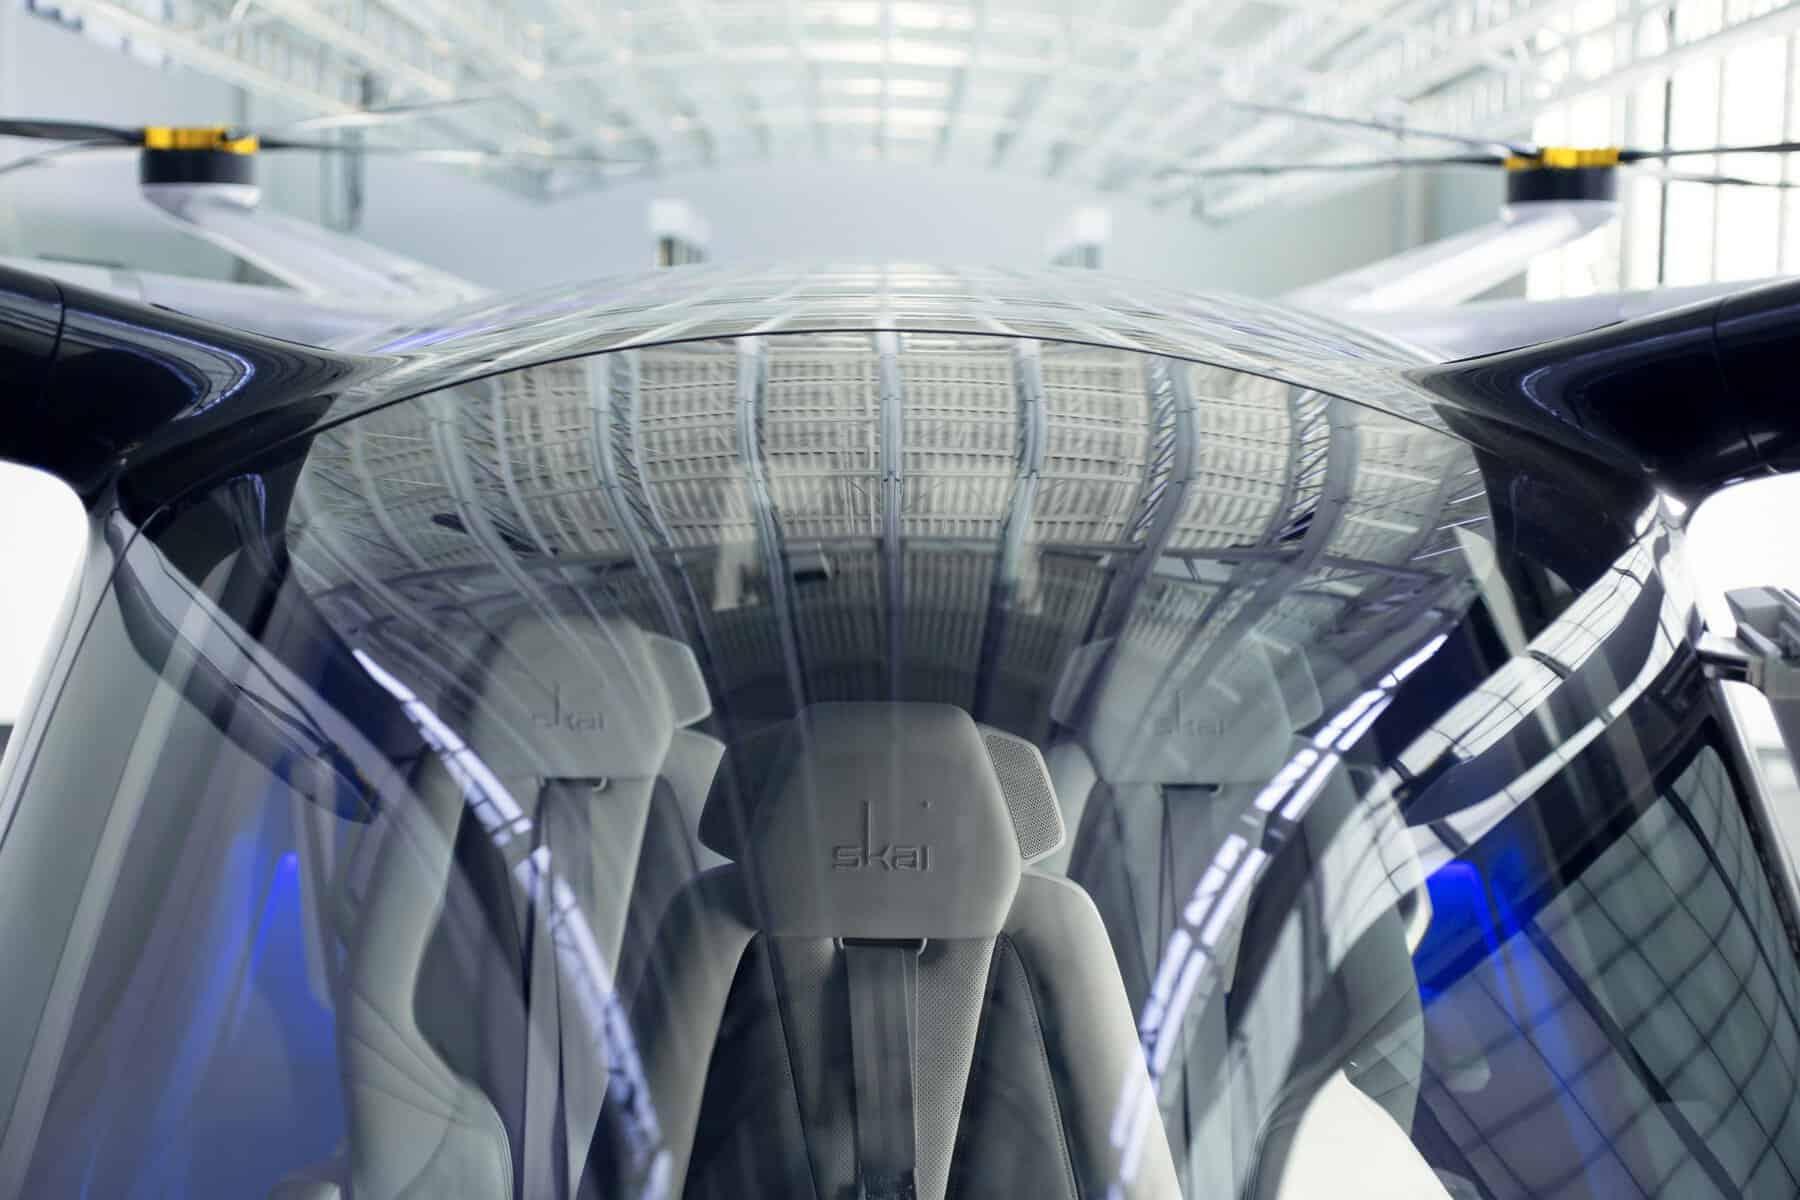 bmw skai flying car 9